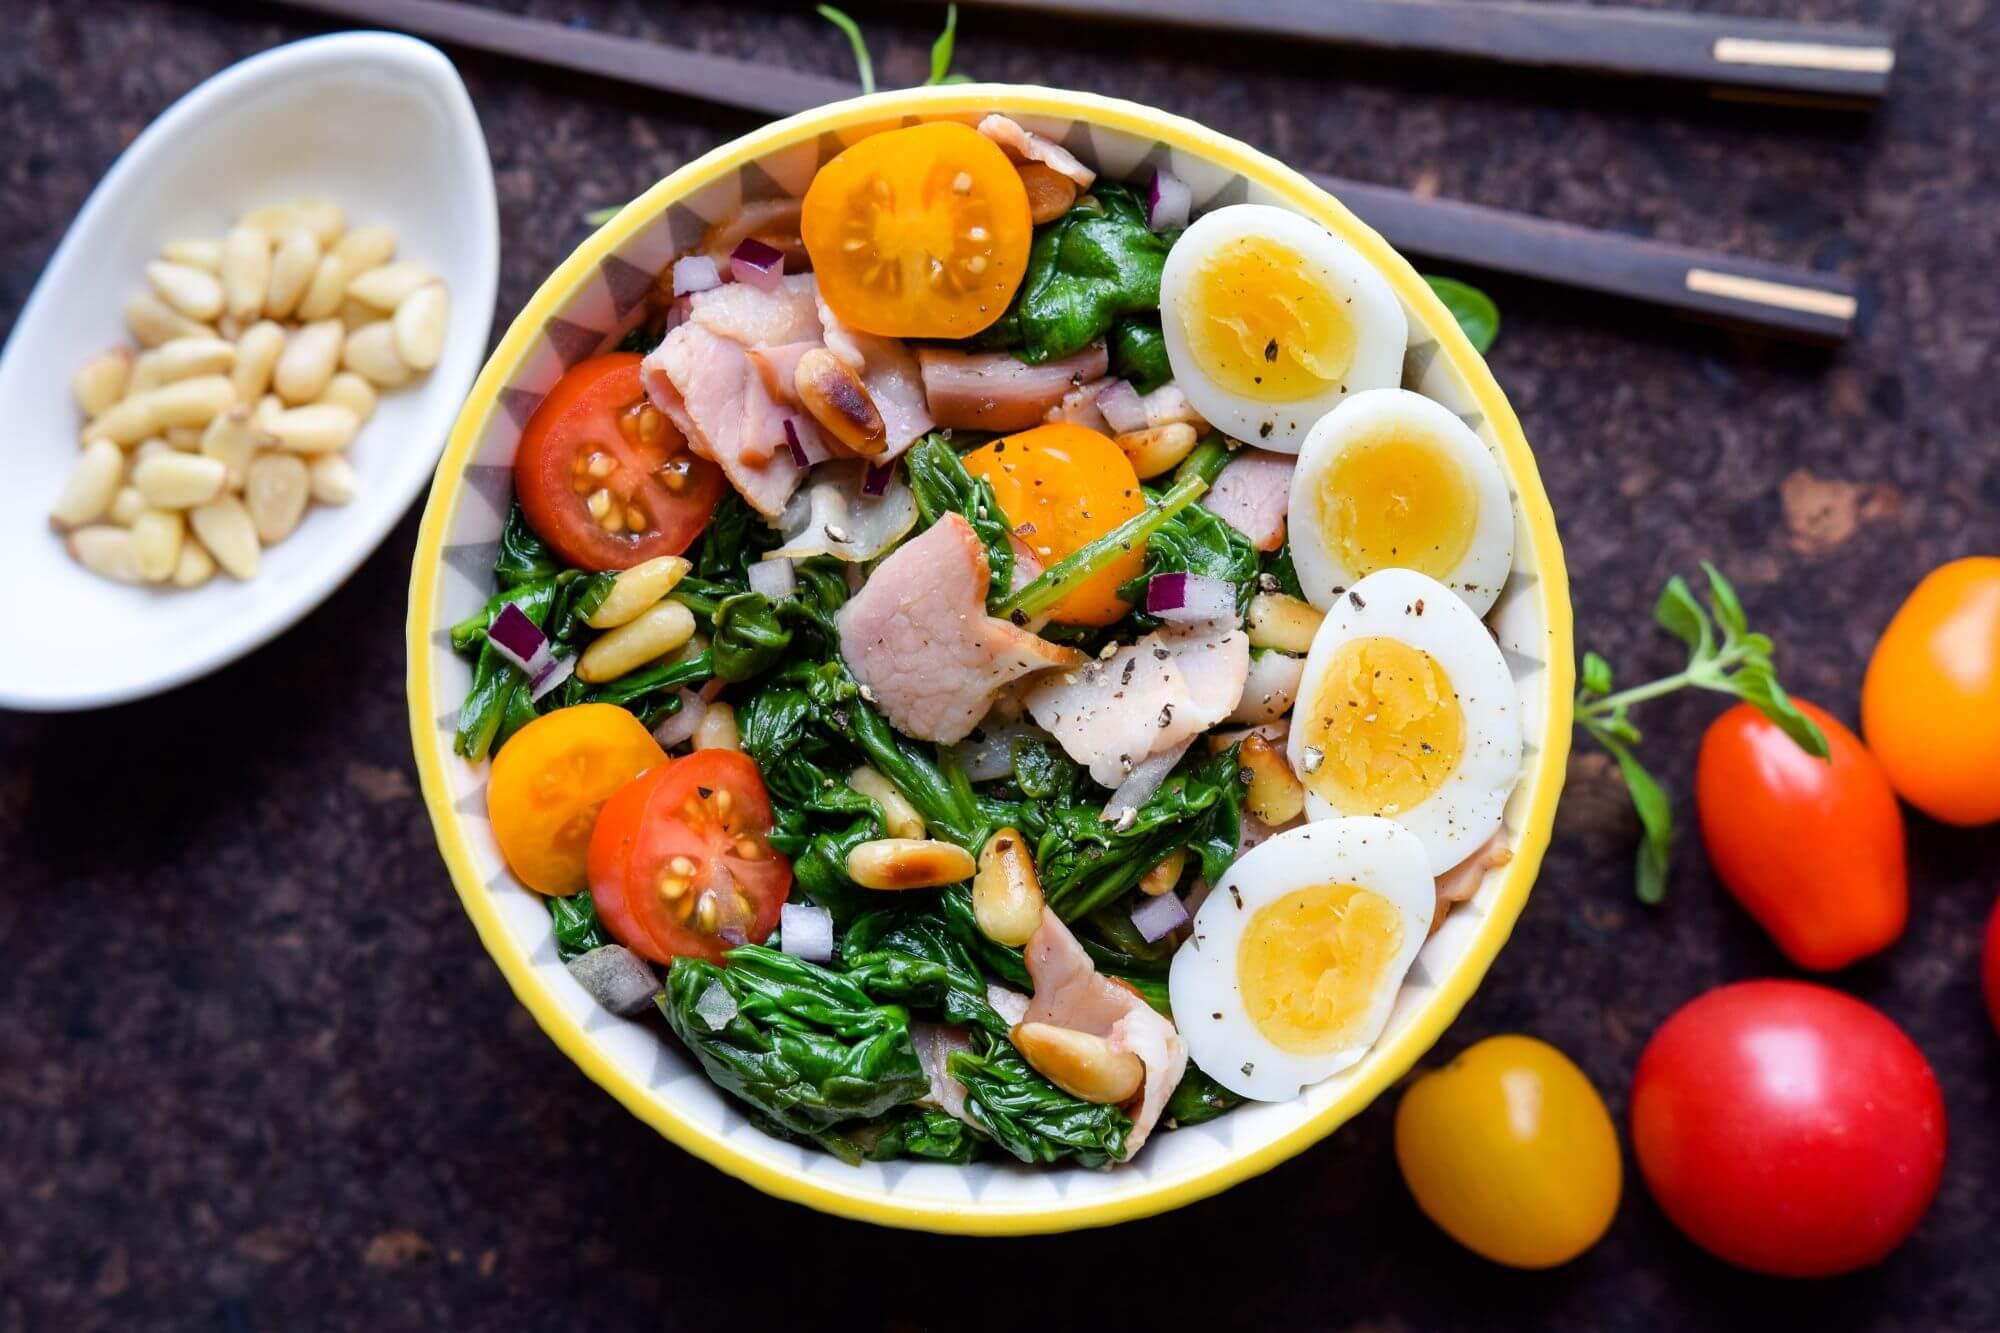 salatka-ze-szpinaku-i-boczku-7